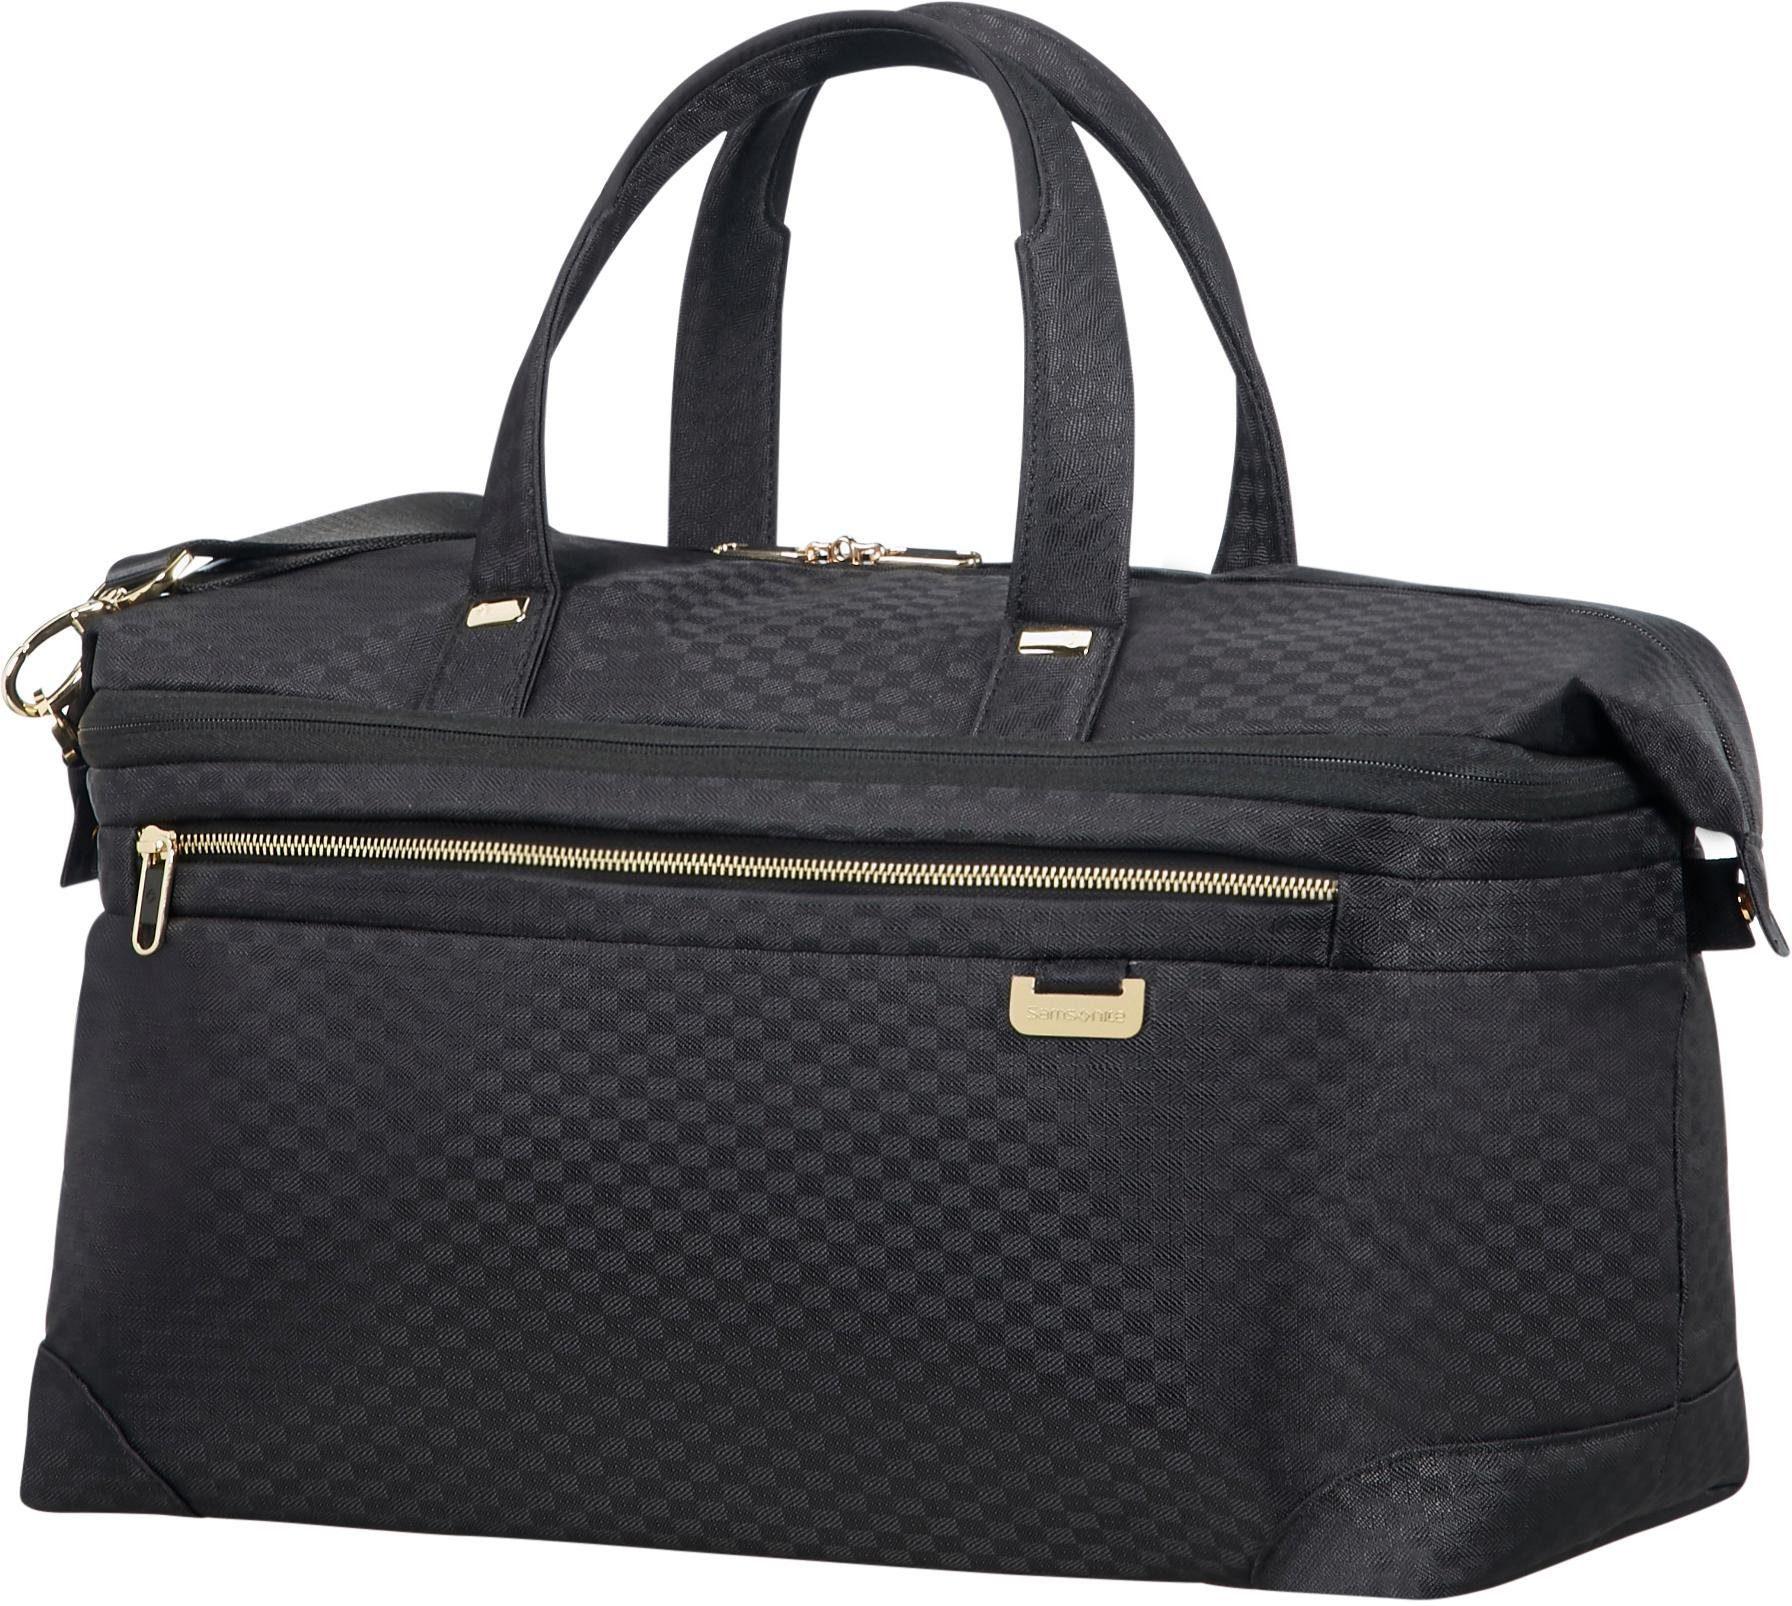 Samsonite Reisetasche mit Volumenerweiterung, »Uplite«